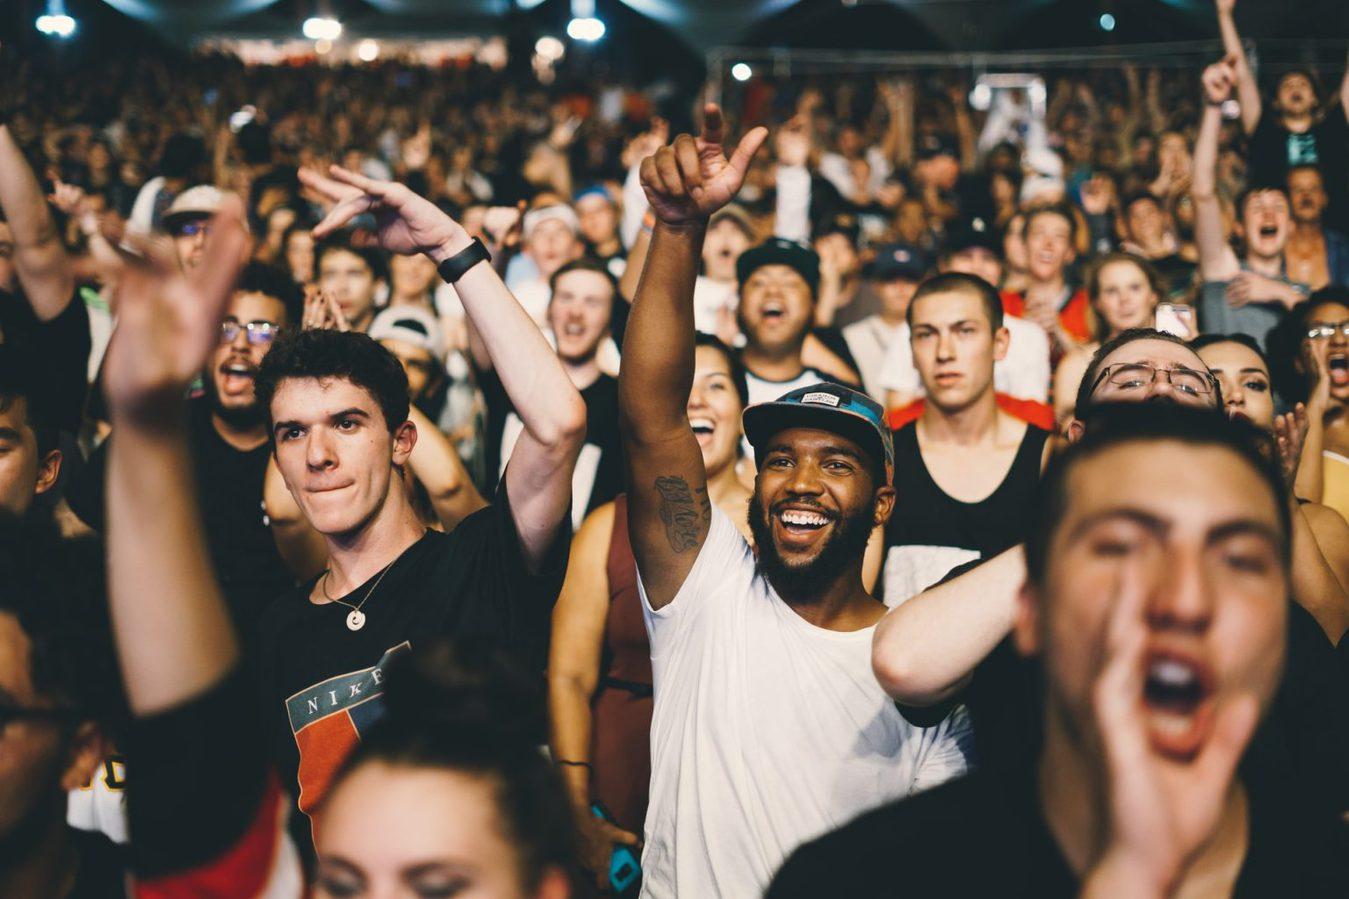 Nhóm người tại buổi hòa nhạc